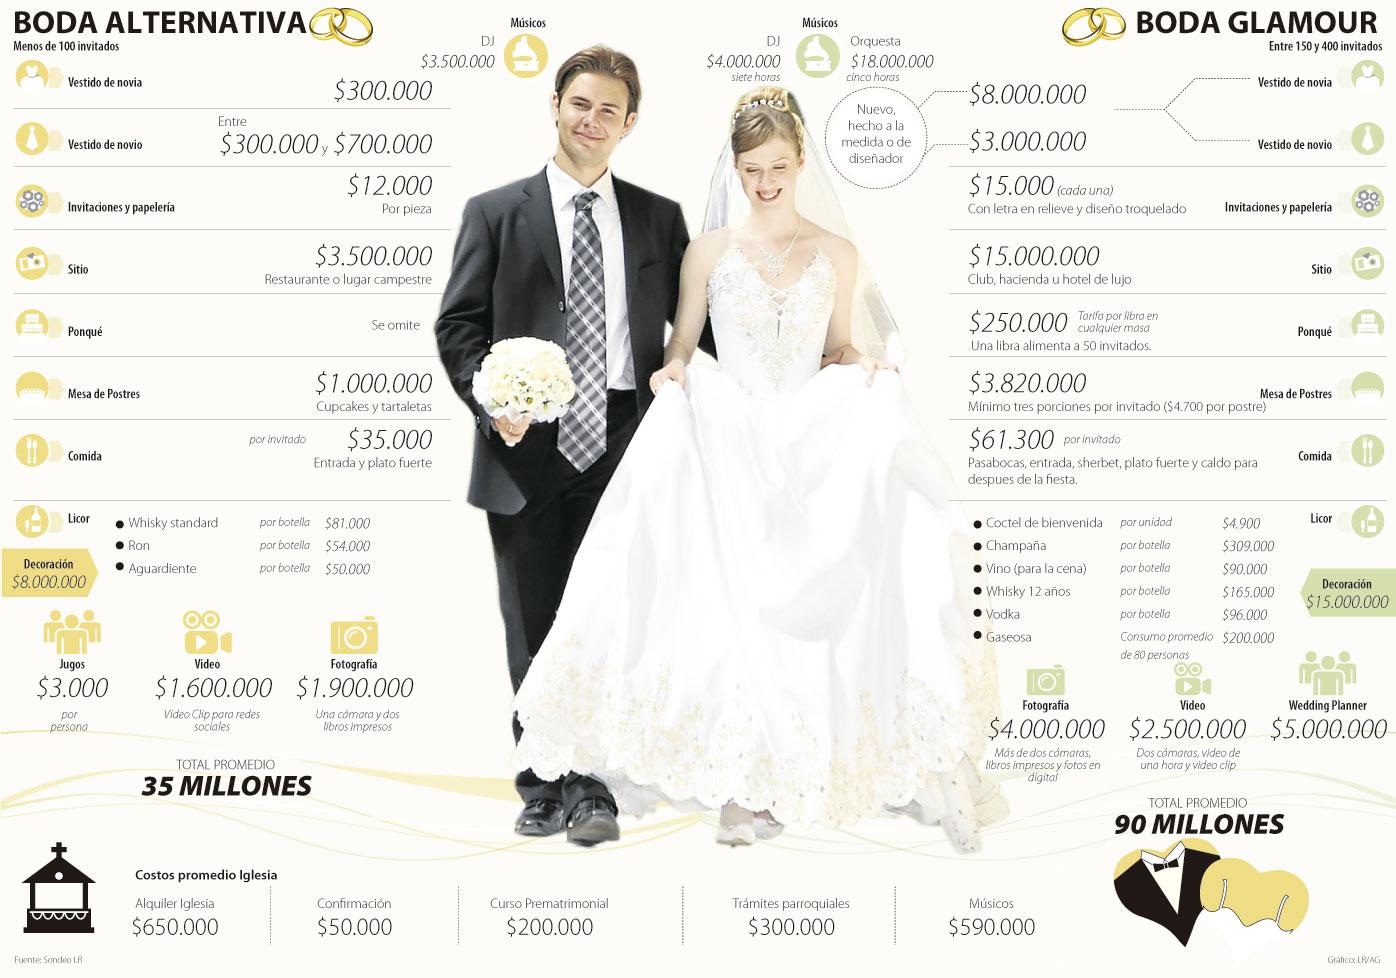 Boda sencilla y economica great diy sencilla y econmica for Como organizar una boda civil sencilla y economica